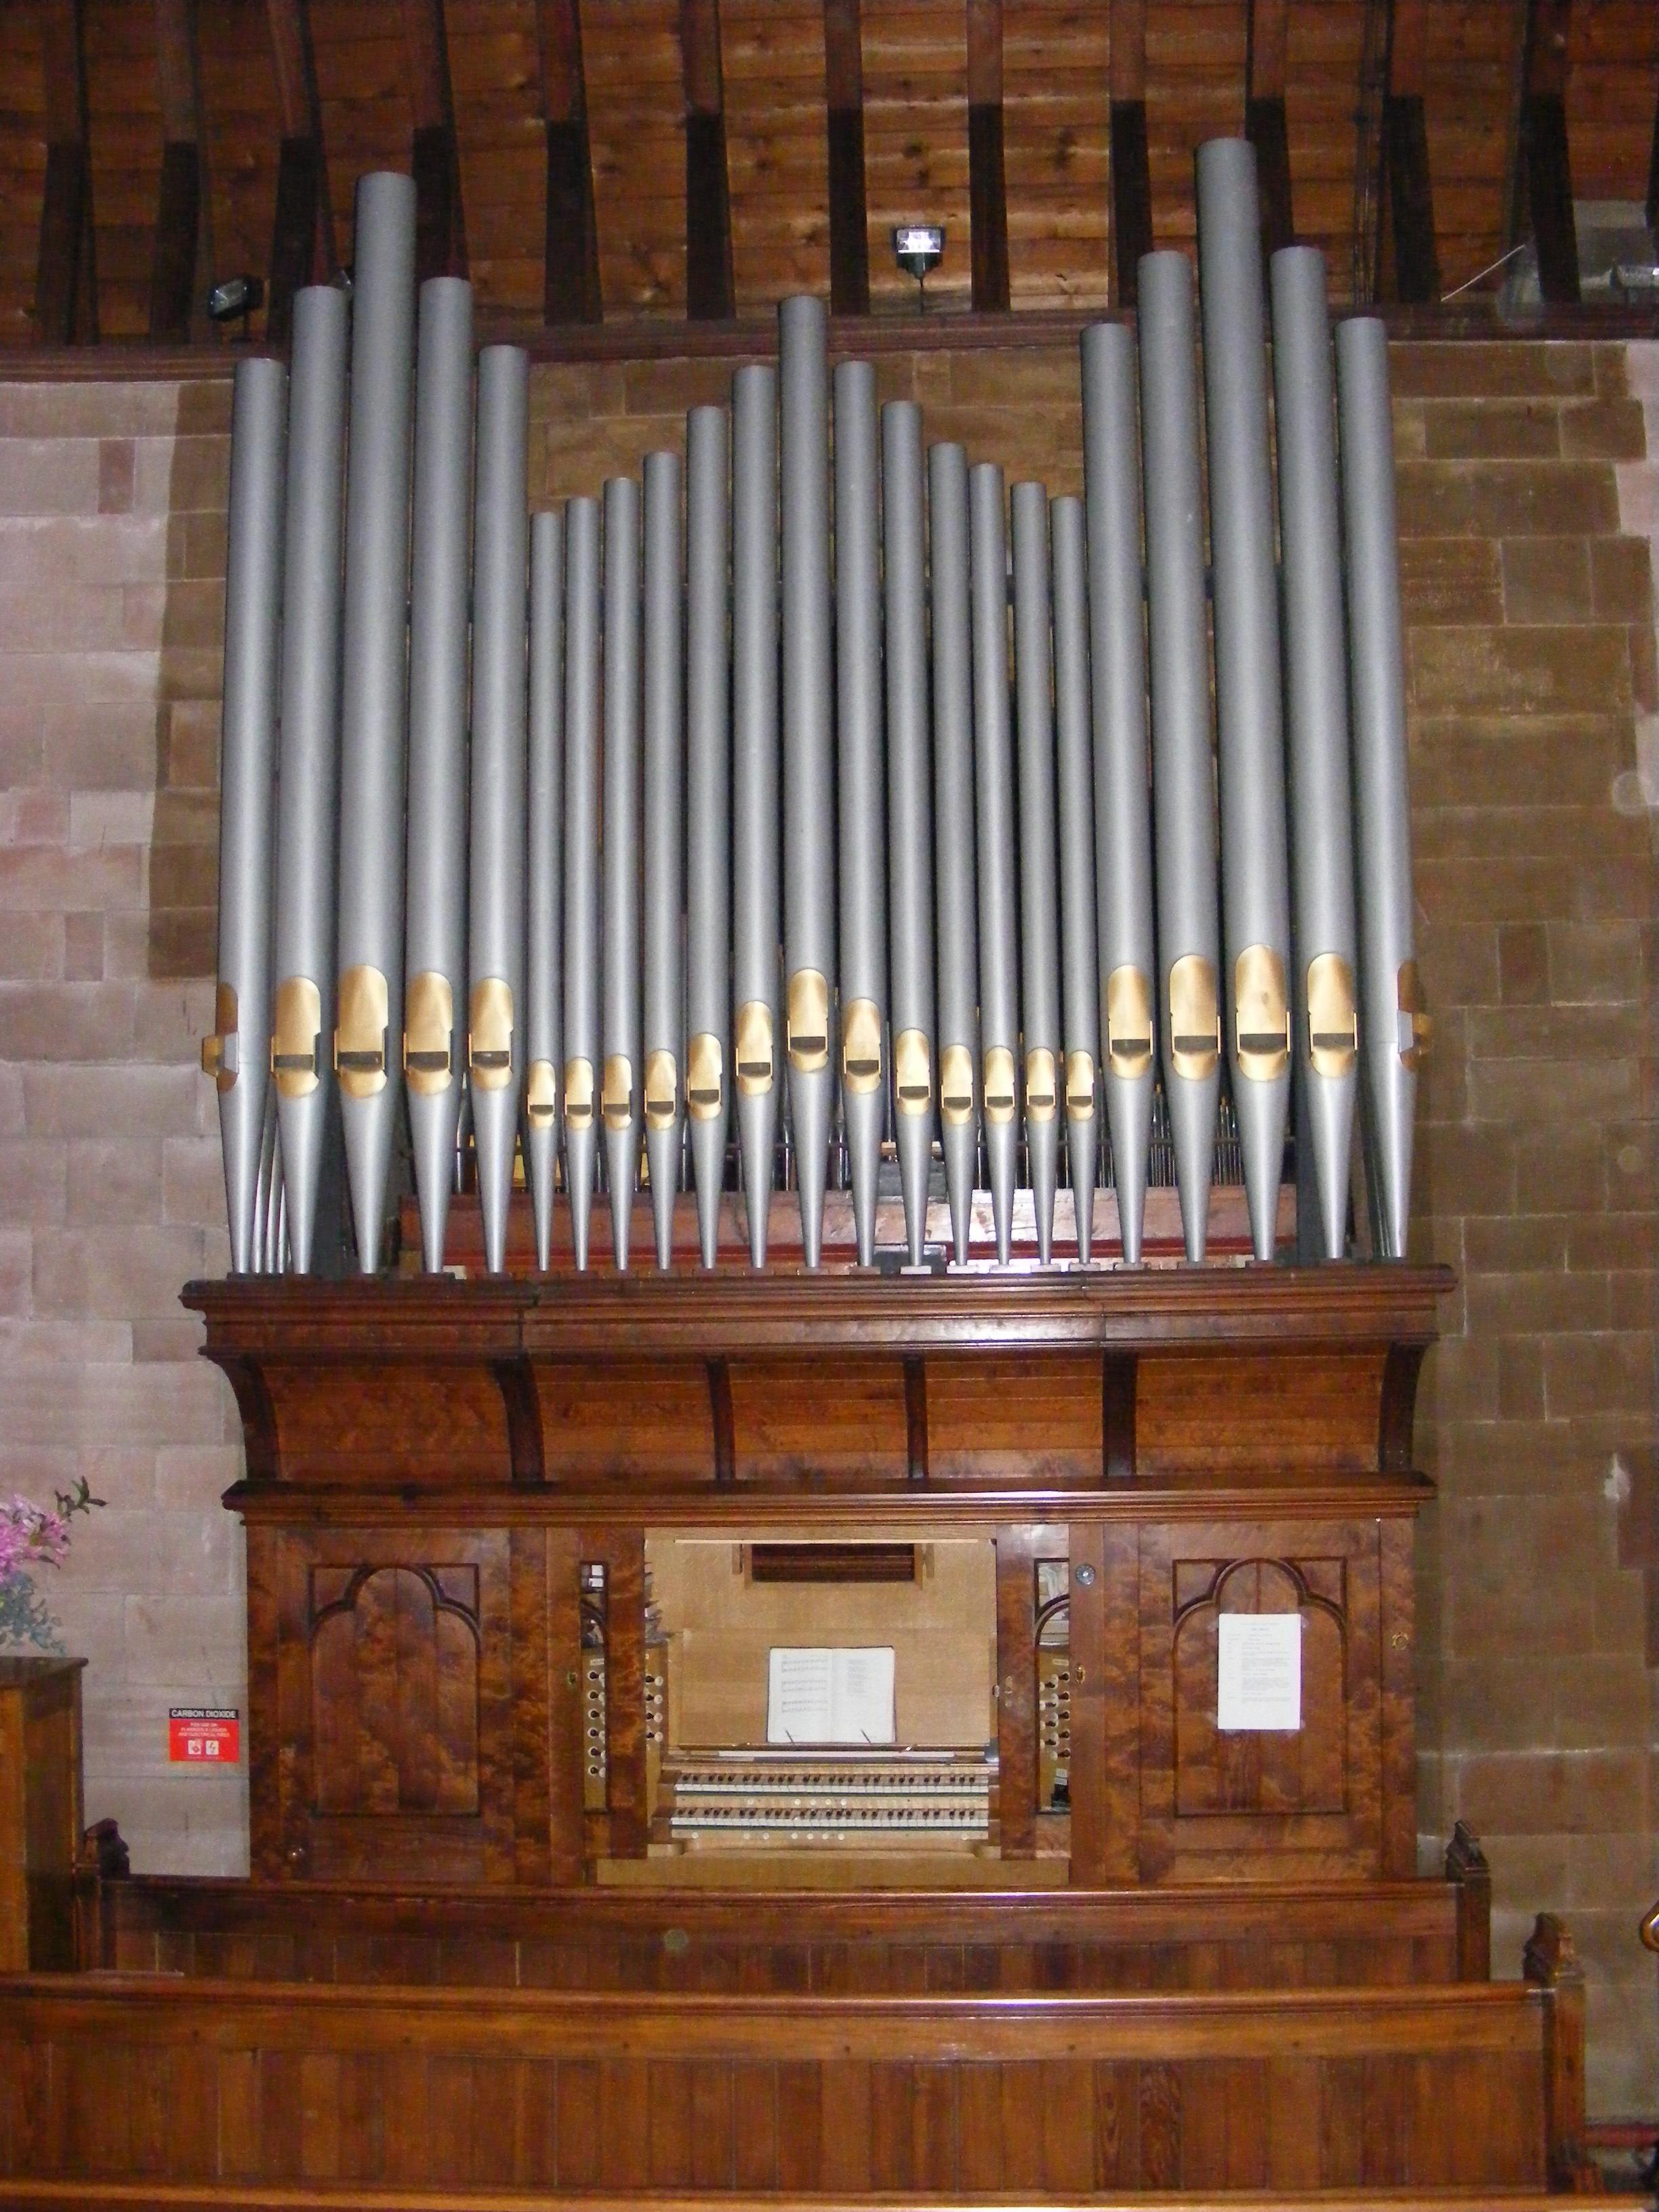 The Church Organ St John S Methodist Church